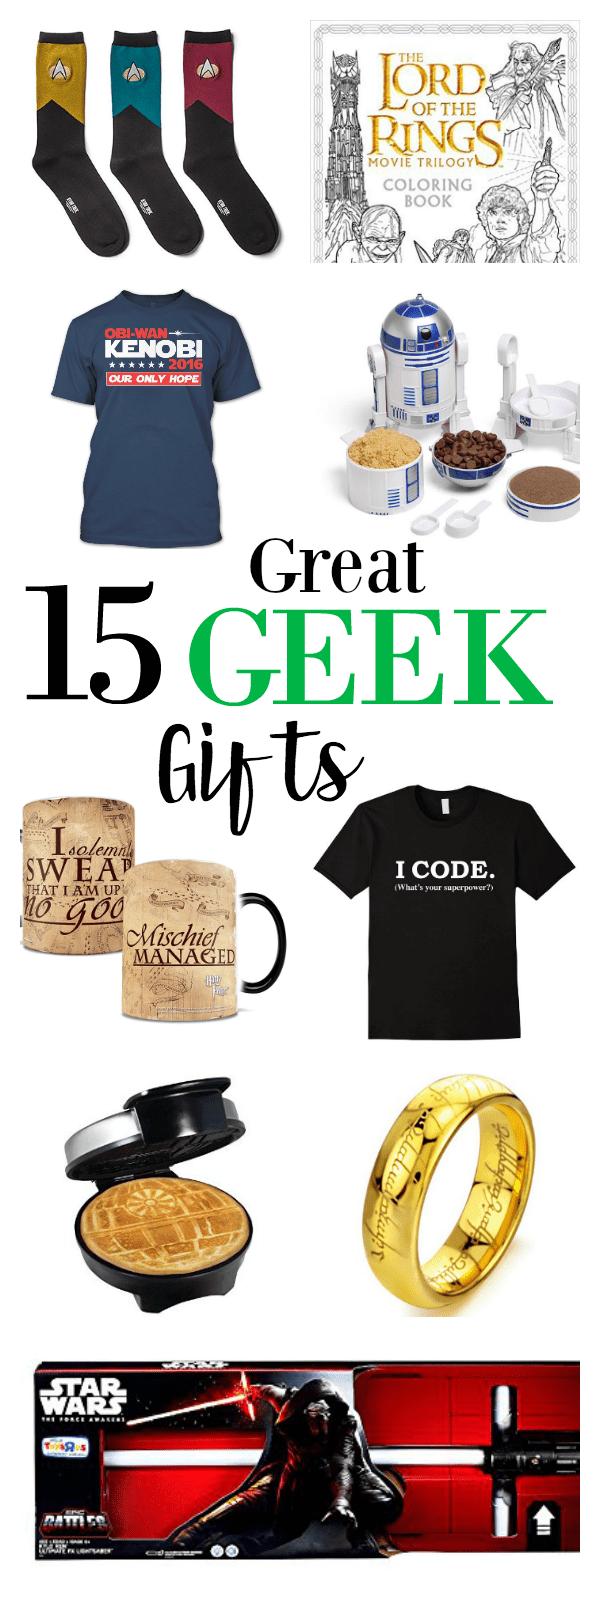 15 Great Geek Gift Ideas